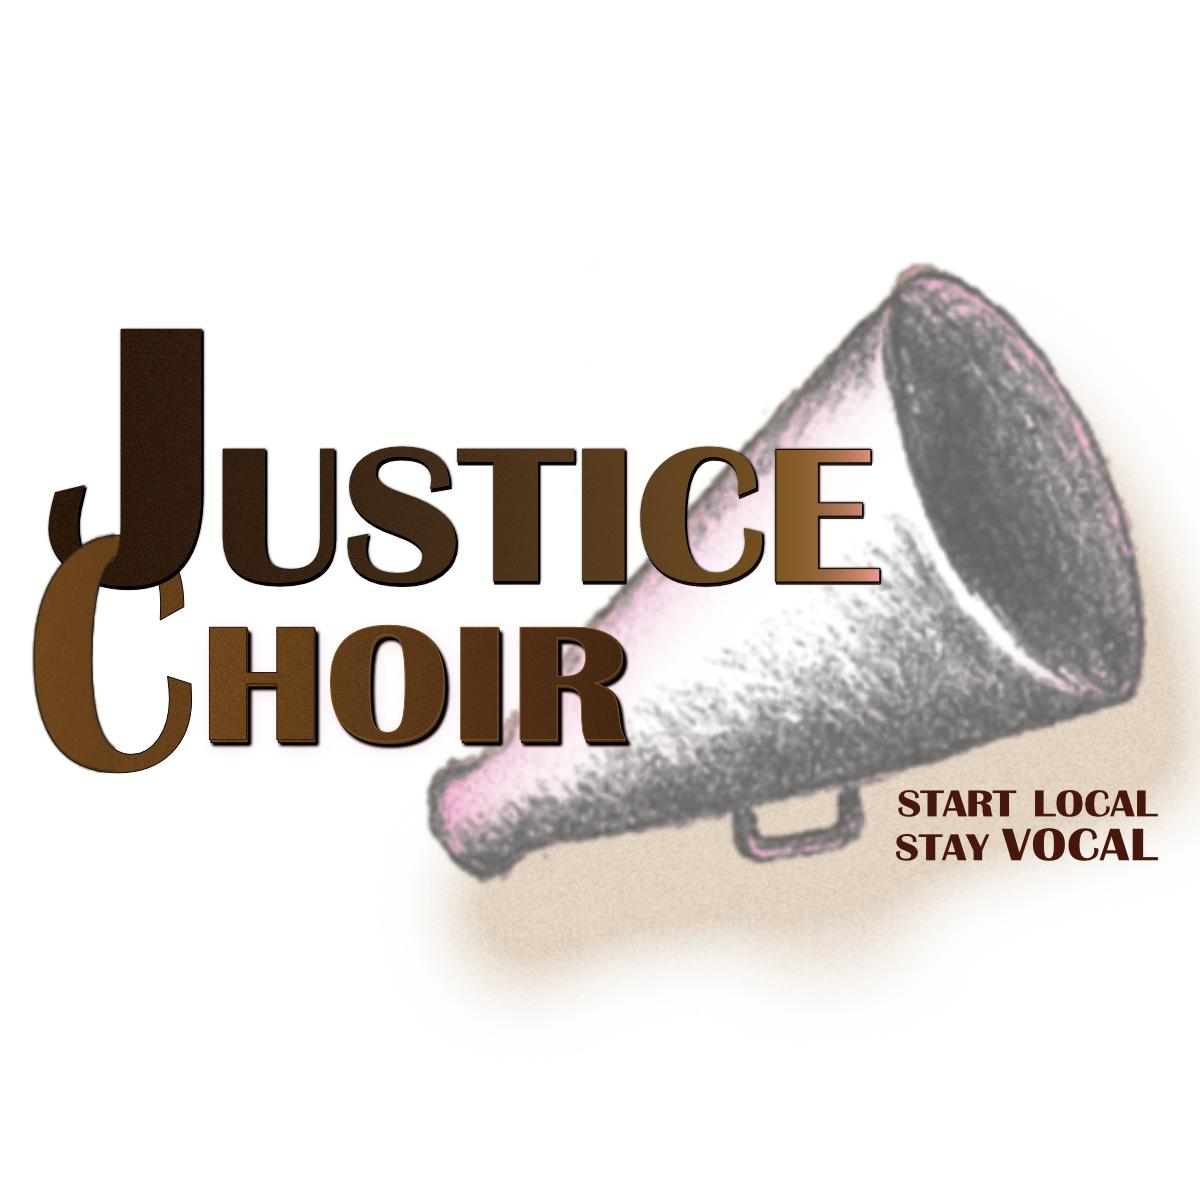 JusticeChoir--og_image_web.png